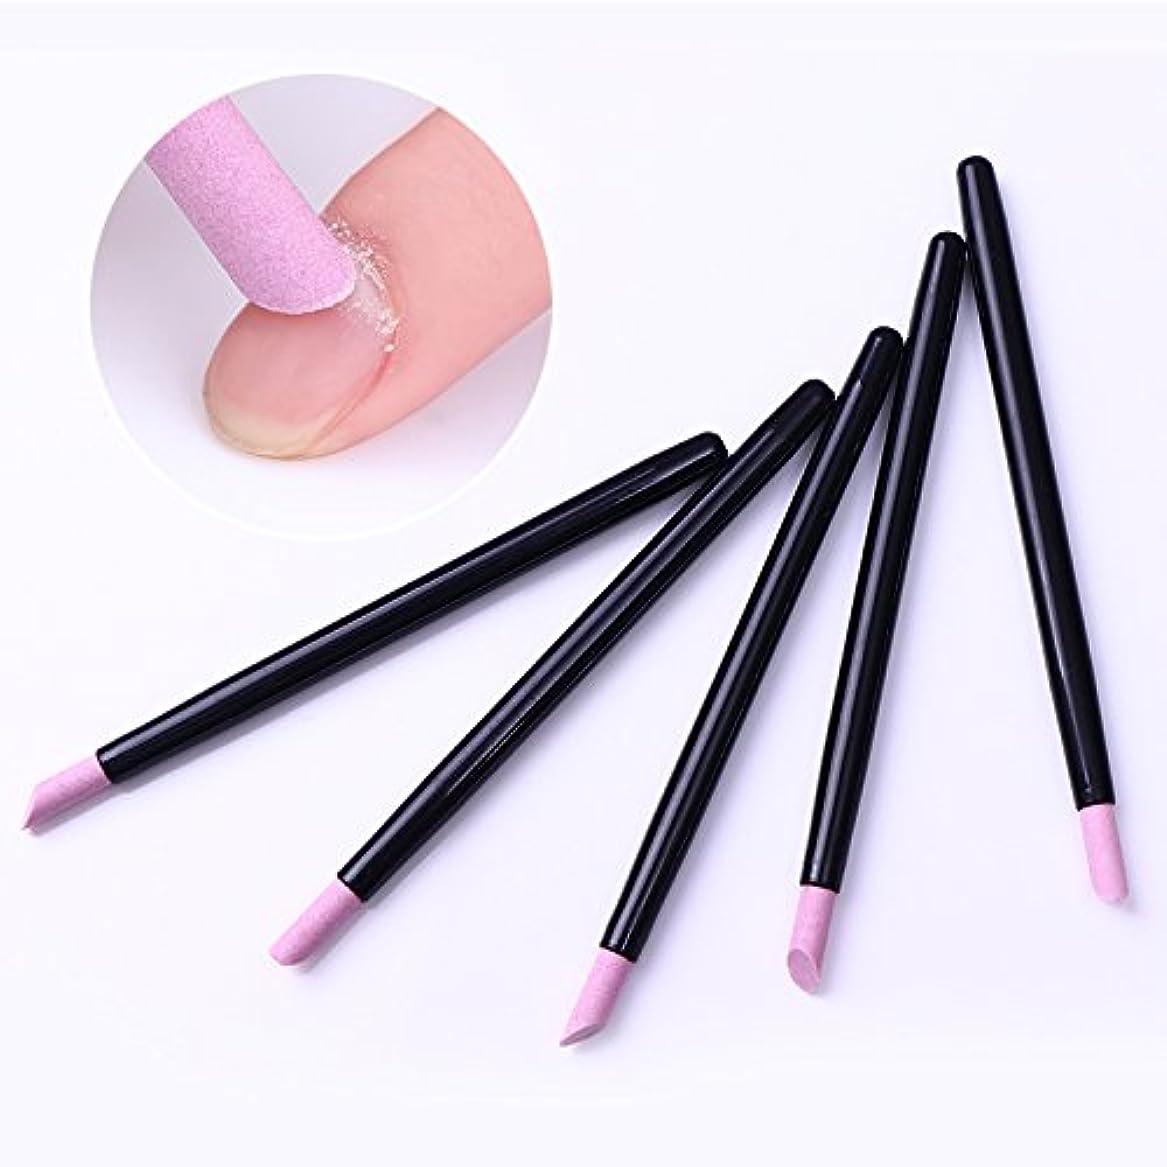 ベーシックあまりにも糸5Pcs Cuticle Remover Pusher Trimmer Quartz Stone Scrub Pen Nail Tool Black Handle Manicure Nail Care Tool キューティクルリムーバープッシャートリマークォーツストーンスクラブペンネイルツールブラックハンドルマニキュアネイルケアツール